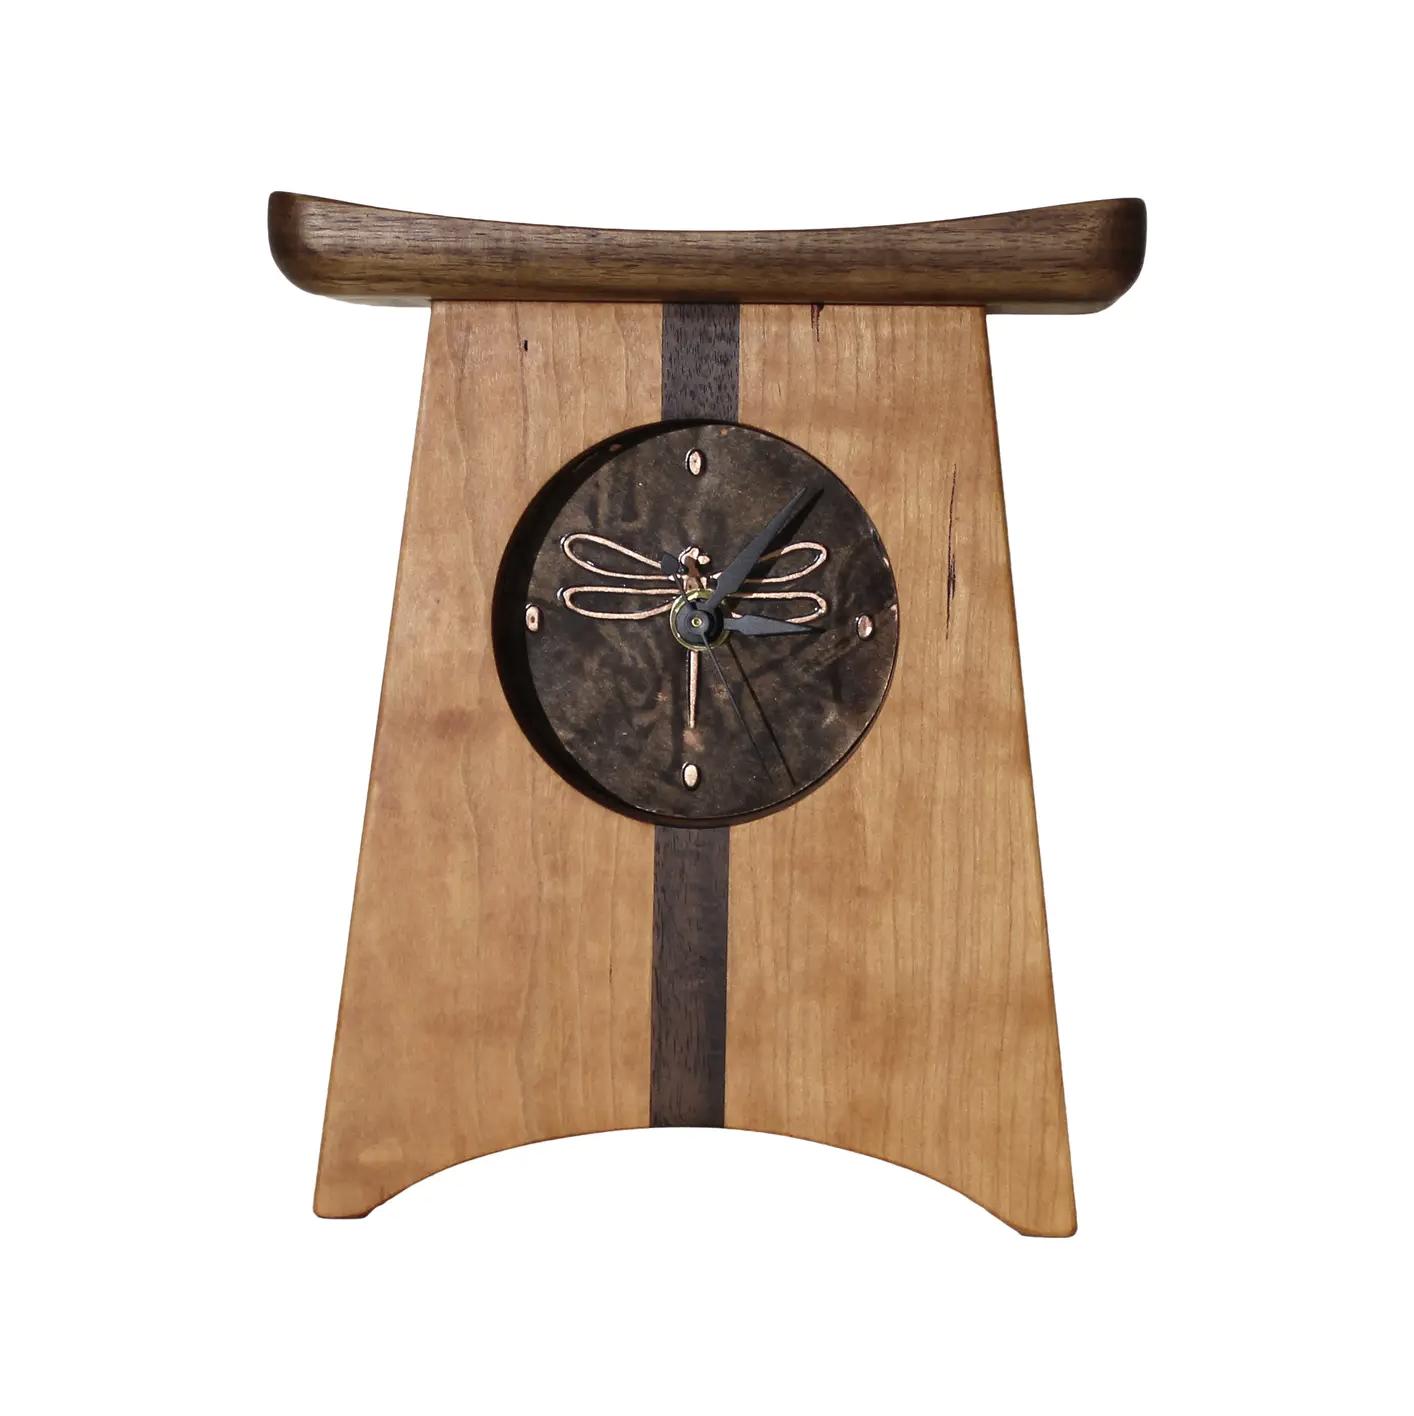 Sabbath Day Wood Dragonfly Clock